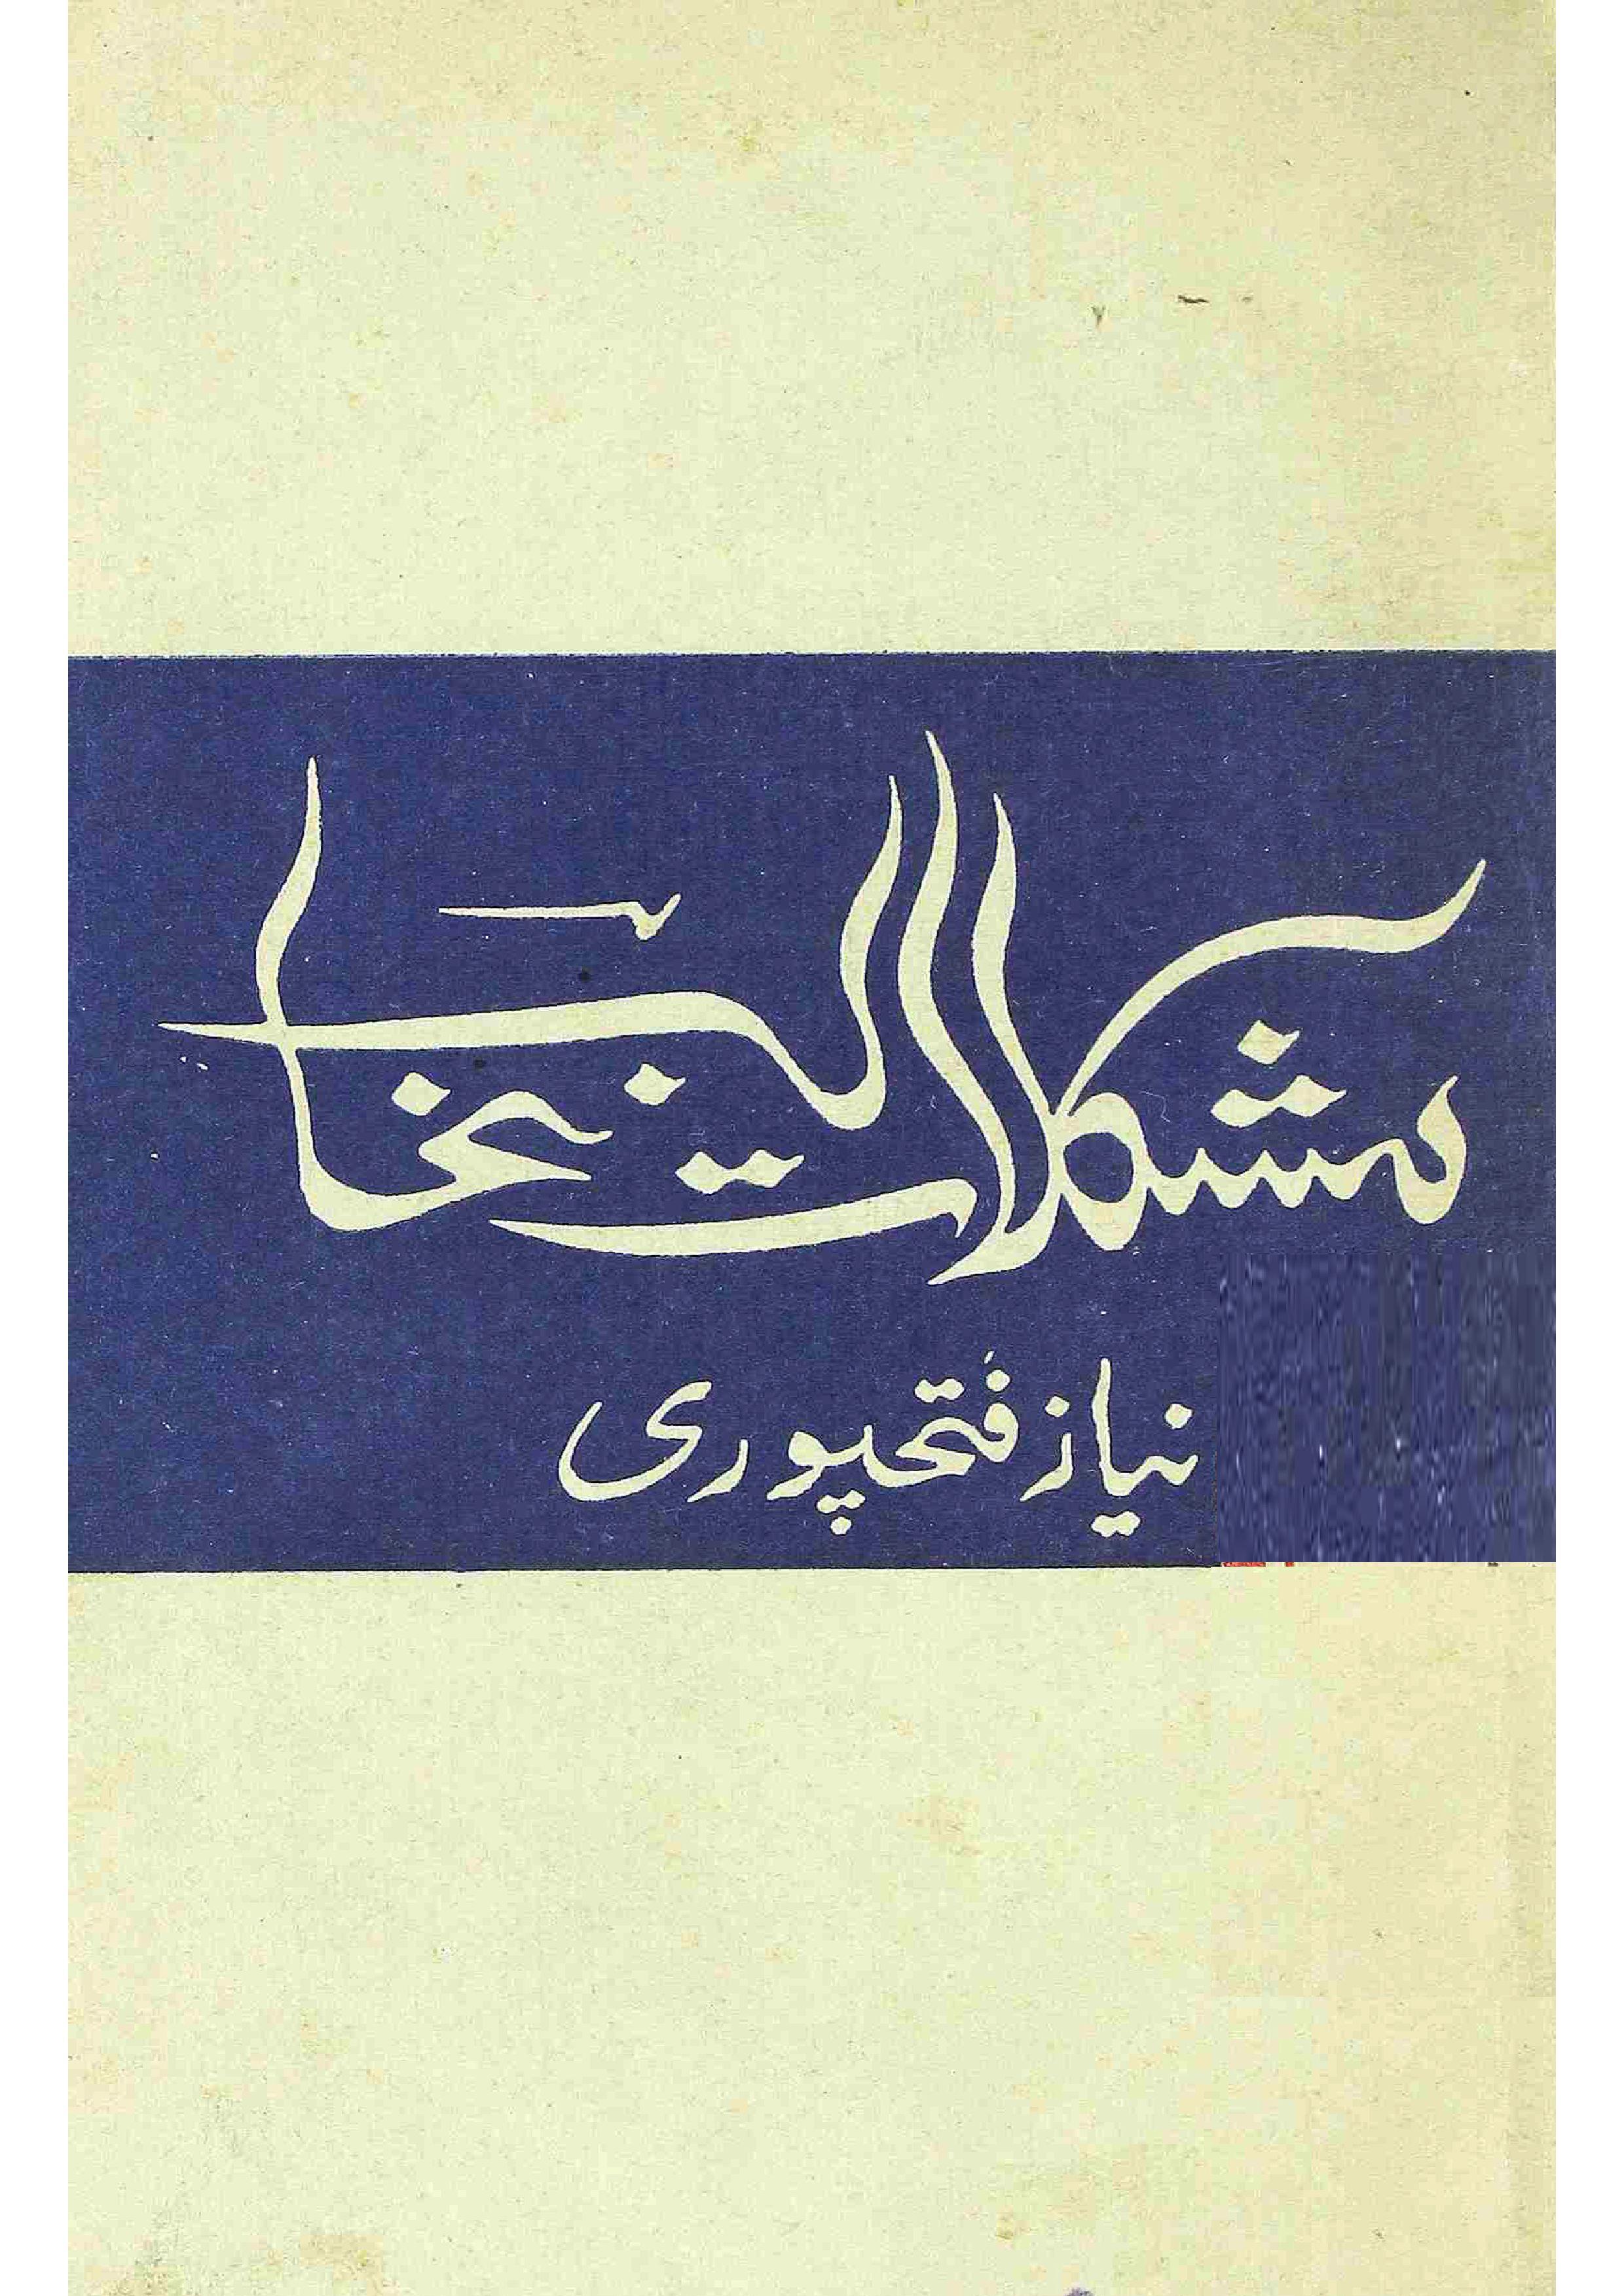 Mushkilat-e-Ghalib